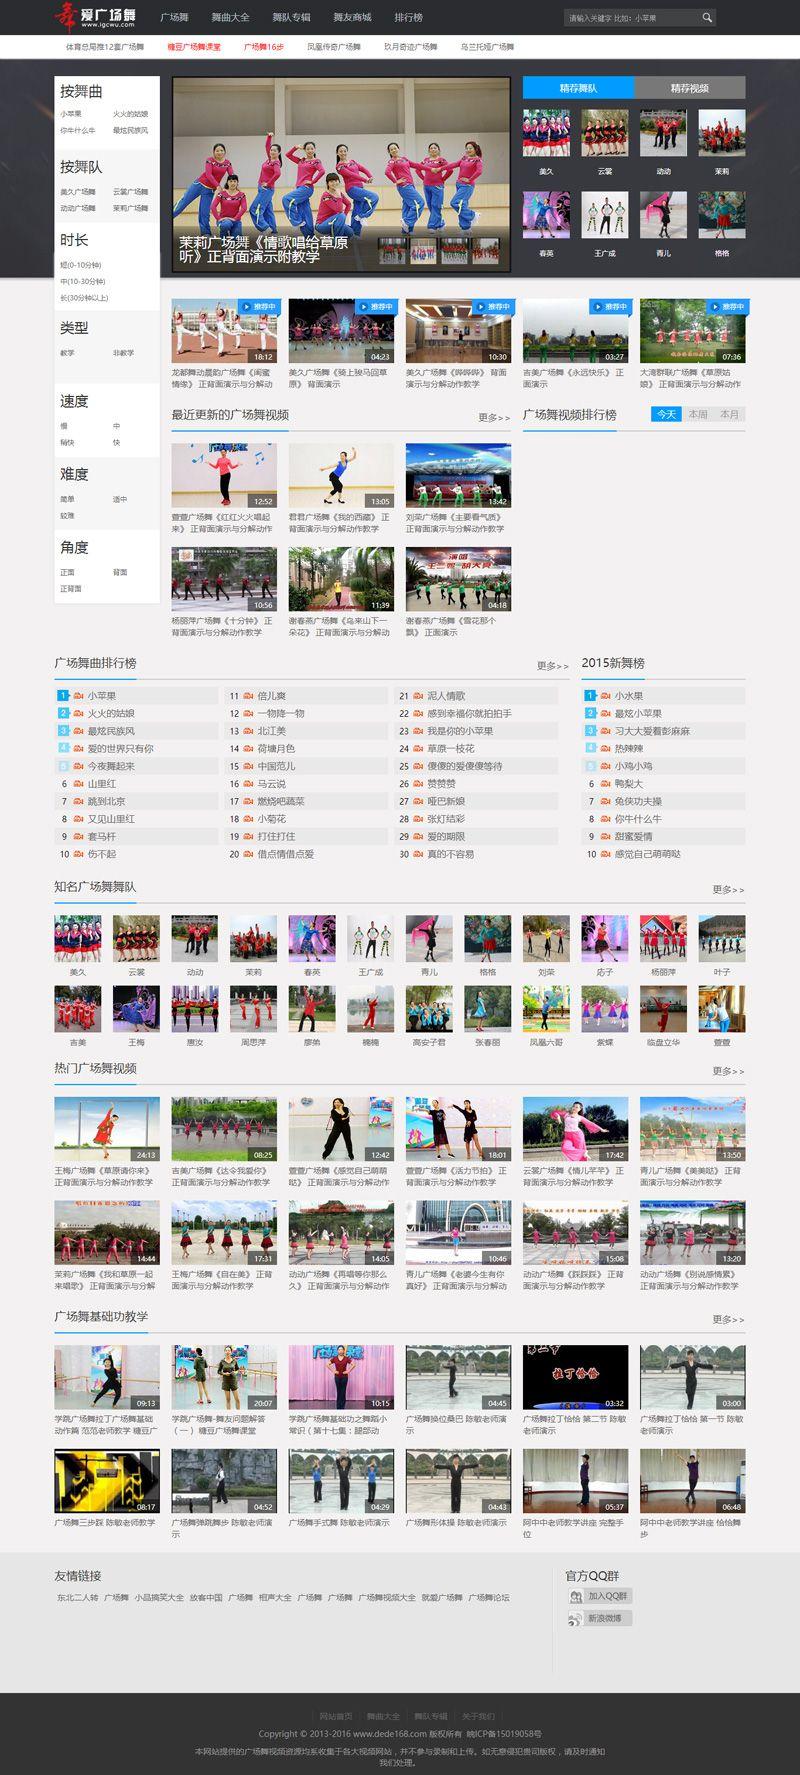 织梦dedecms内核开发 大气广场舞视频网站源码,附带整站数据